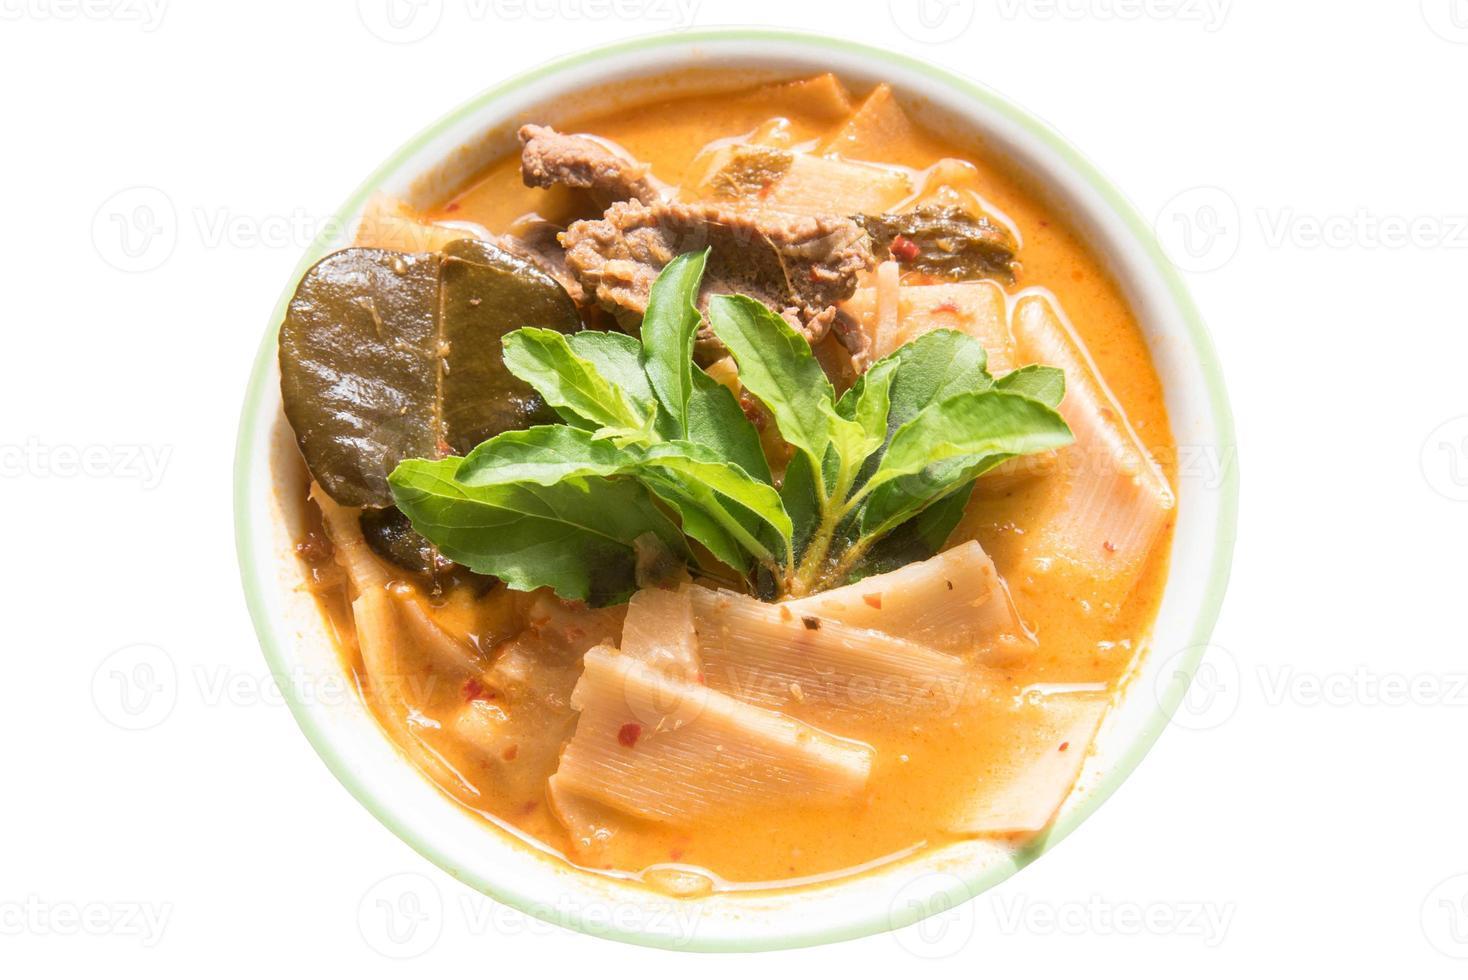 rode curry beef met bamboescheuten foto